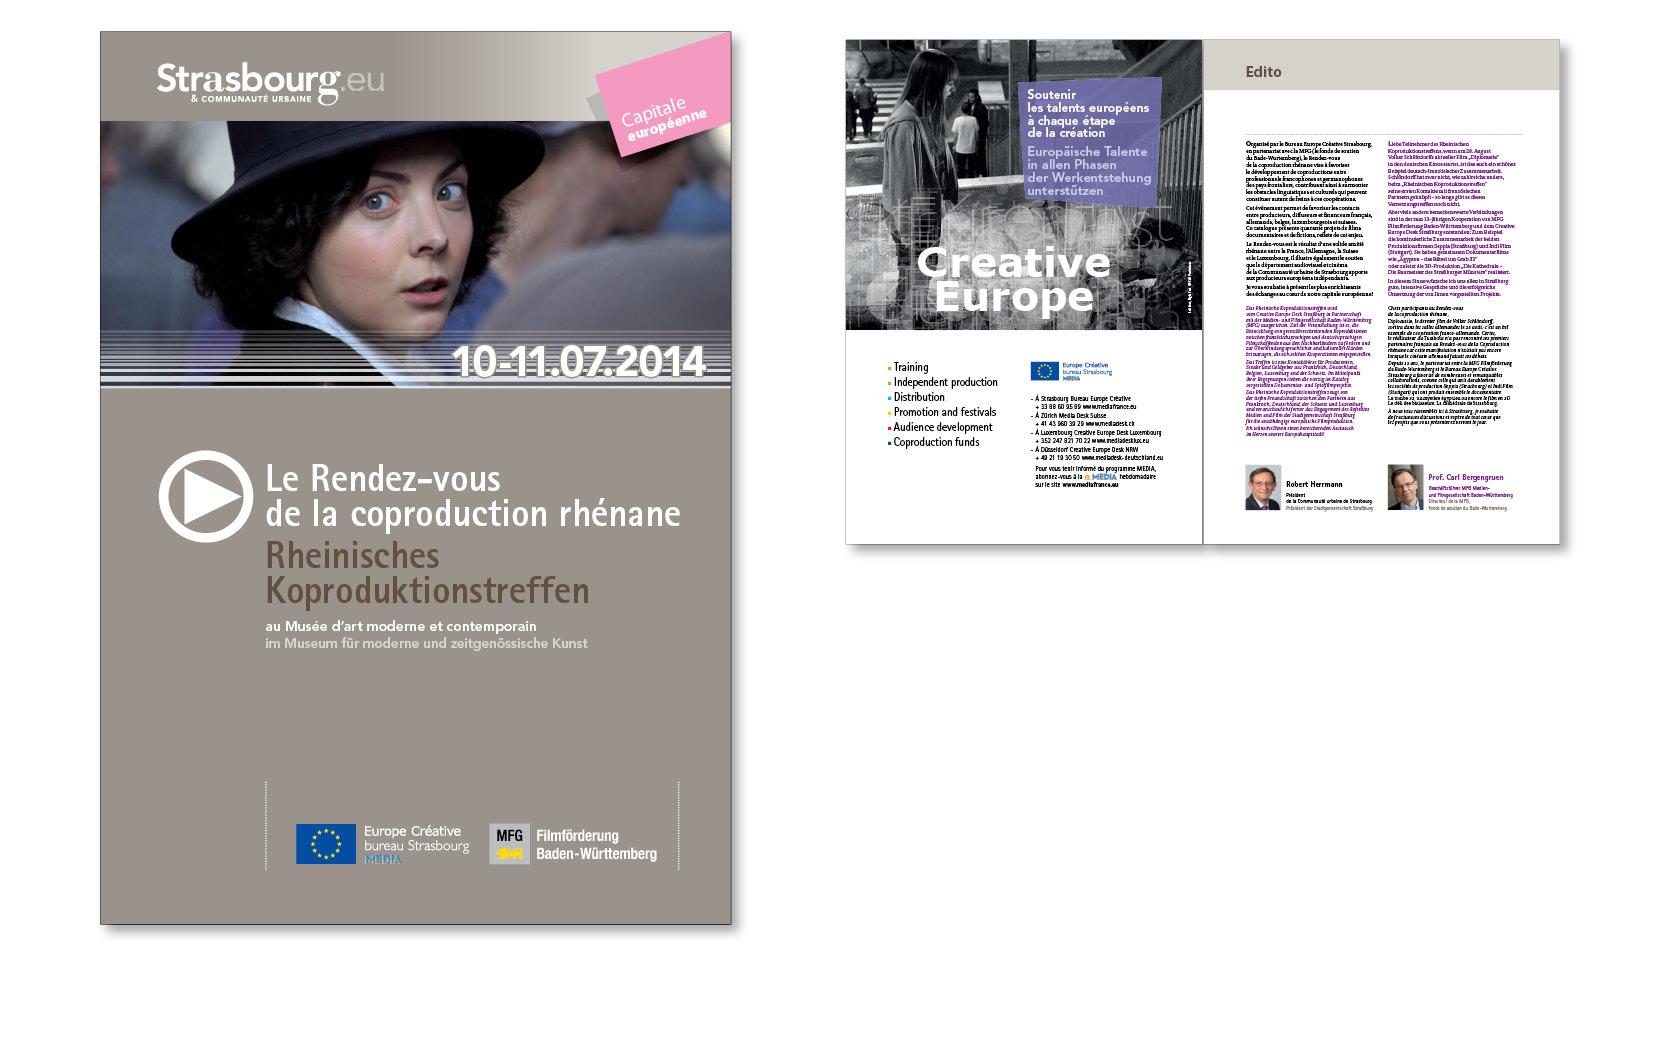 Catalogue du Rendez-vous de la coproduction rhénane. Réalisation de la couverture et conception des pages intérieures, 2014.